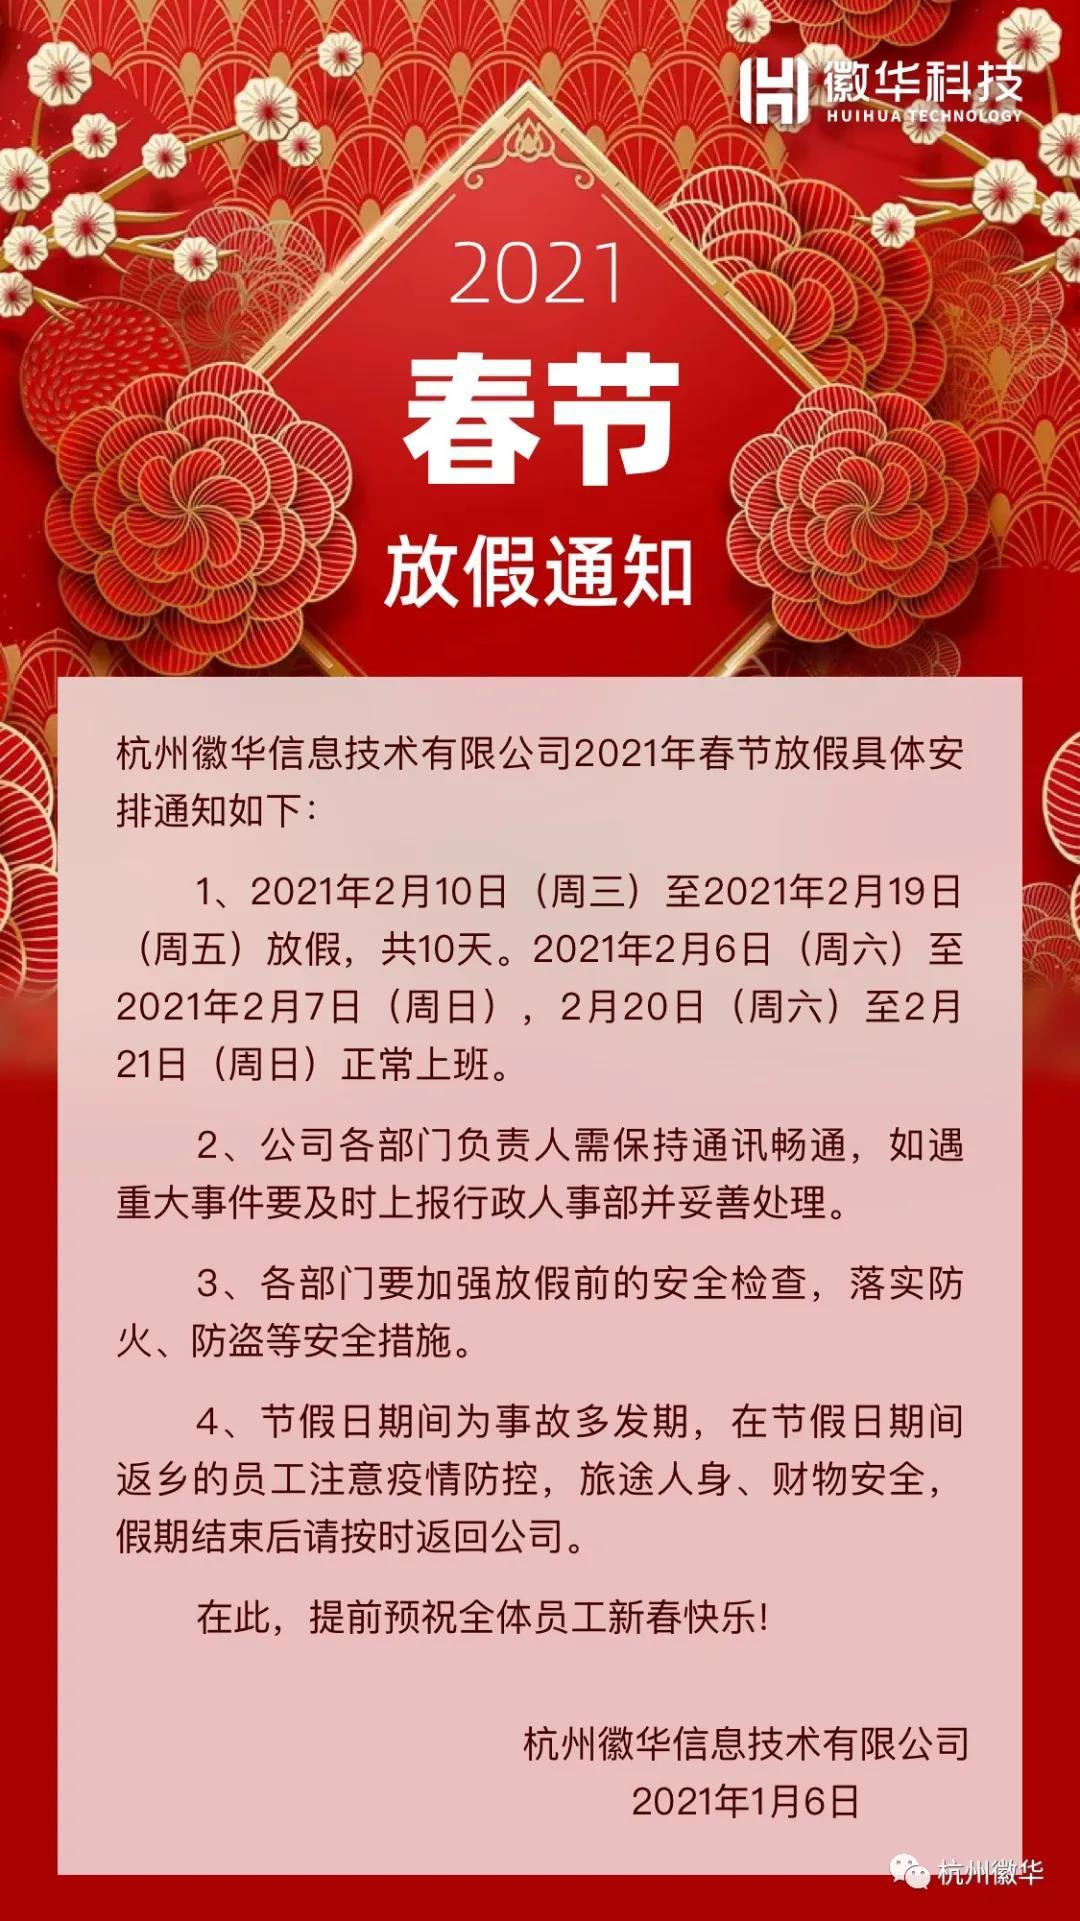 杭州徽华信息技术有限公司 春节放假通知!